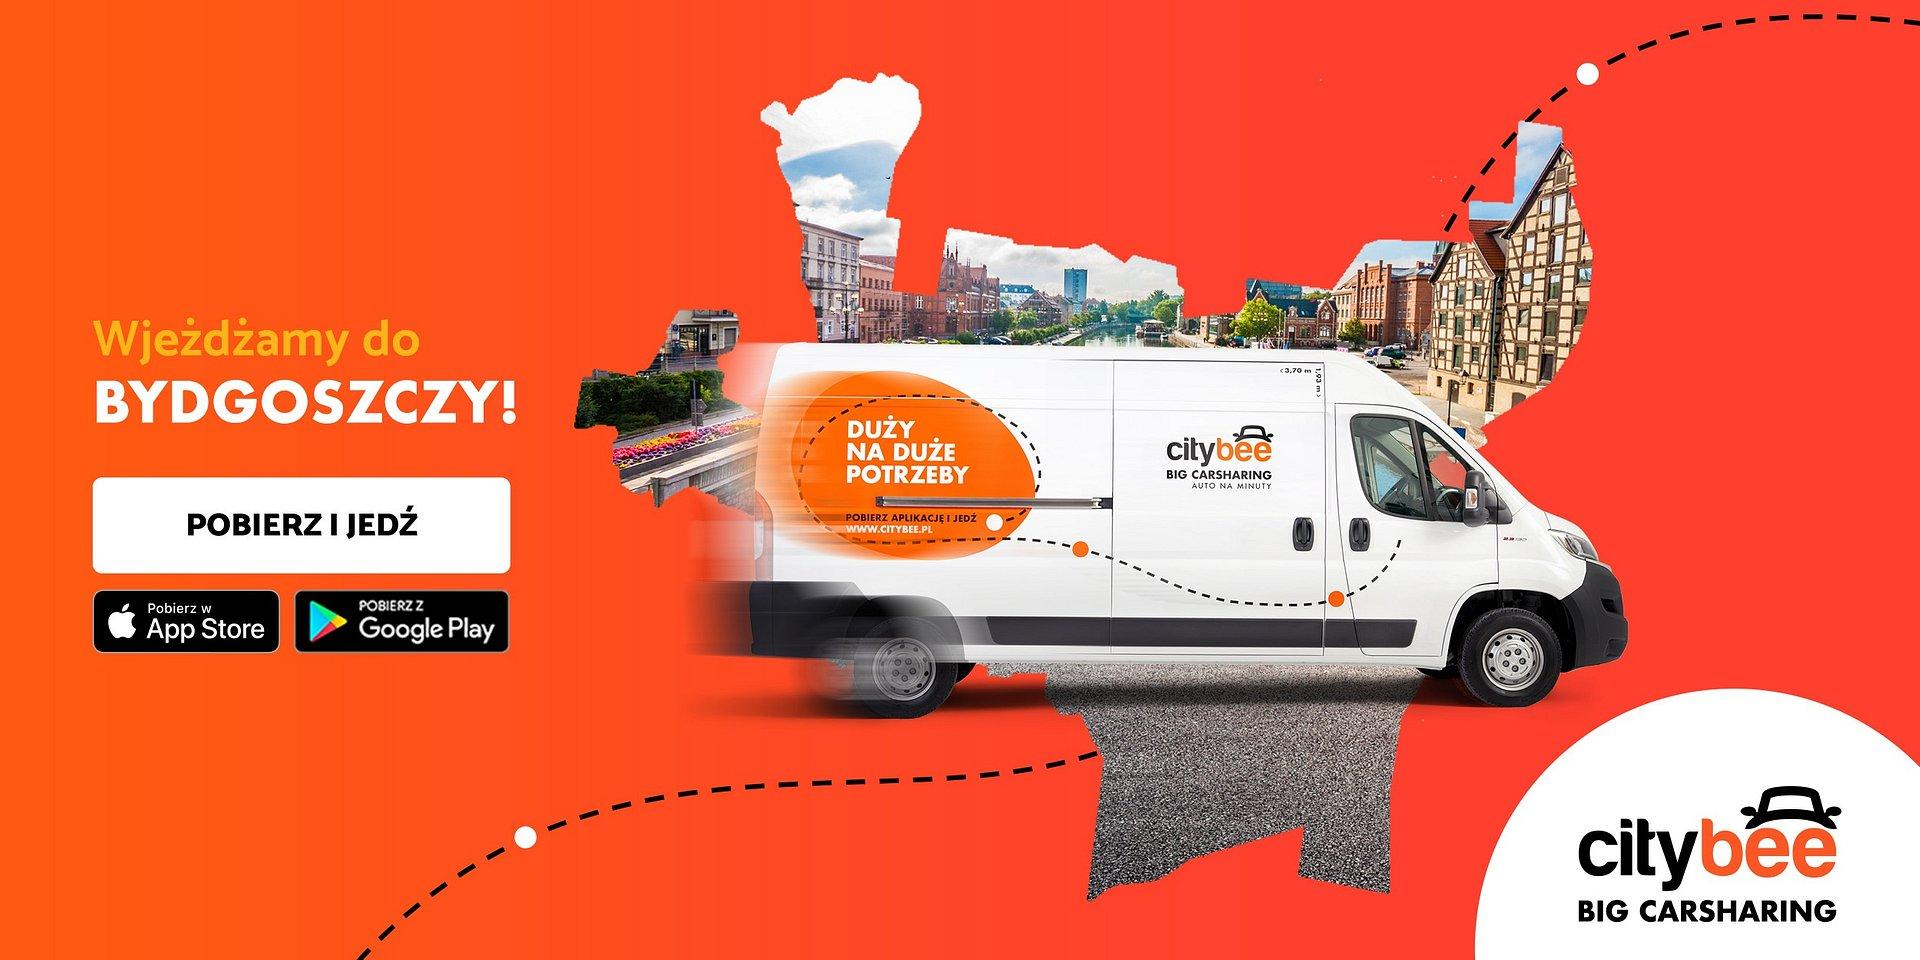 CityBee wjeżdża do Bydgoszczy! Startuje wynajem dostawczaków na minuty!